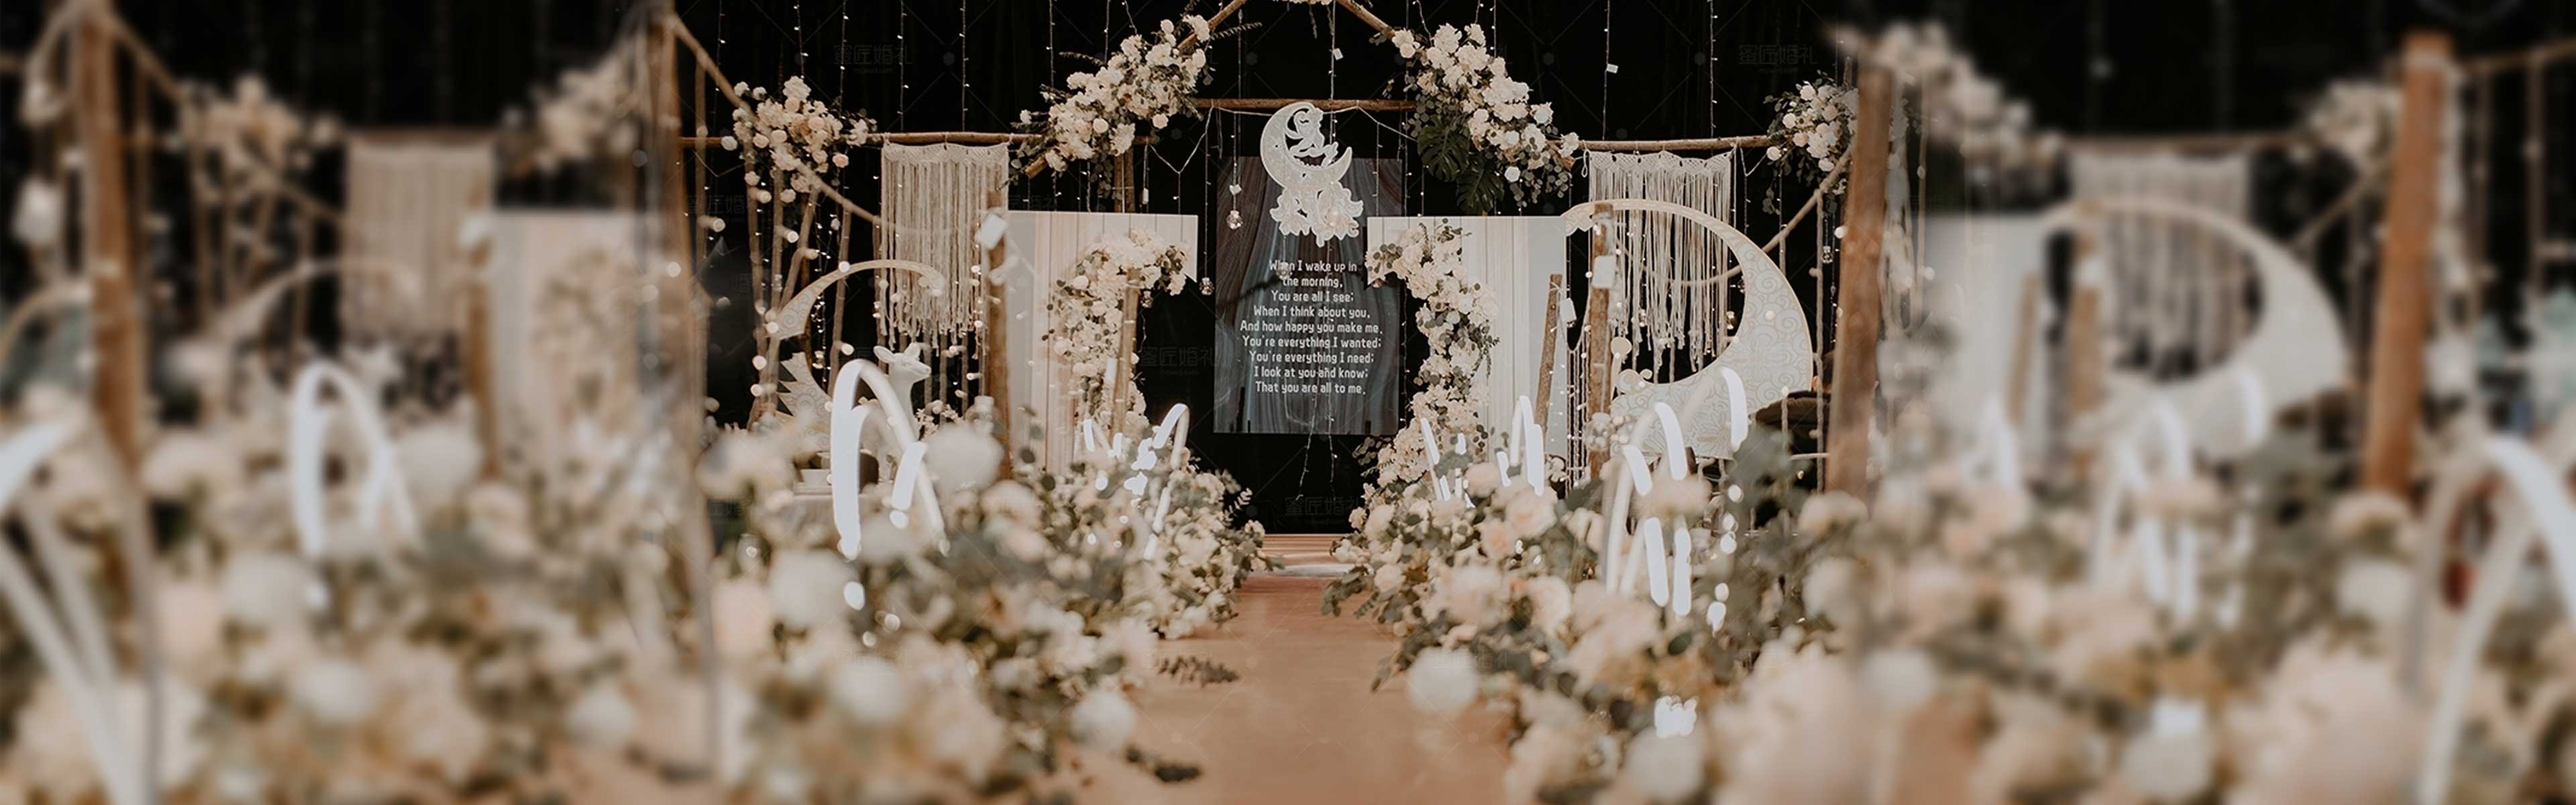 安化婚庆策划案例:最美婚礼 第12月 | 湖北 武汉